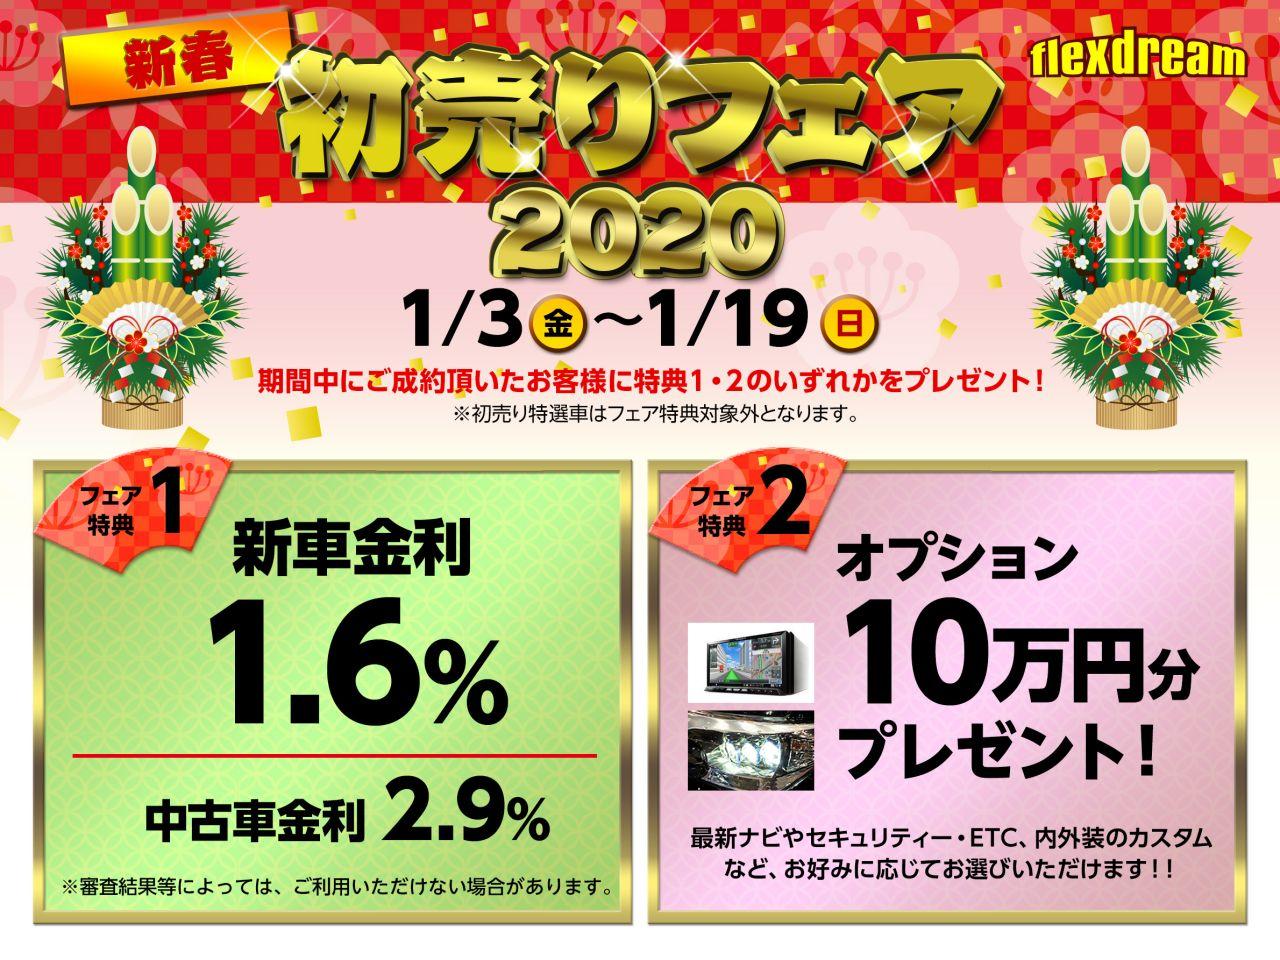 新春初売りフェア 2020